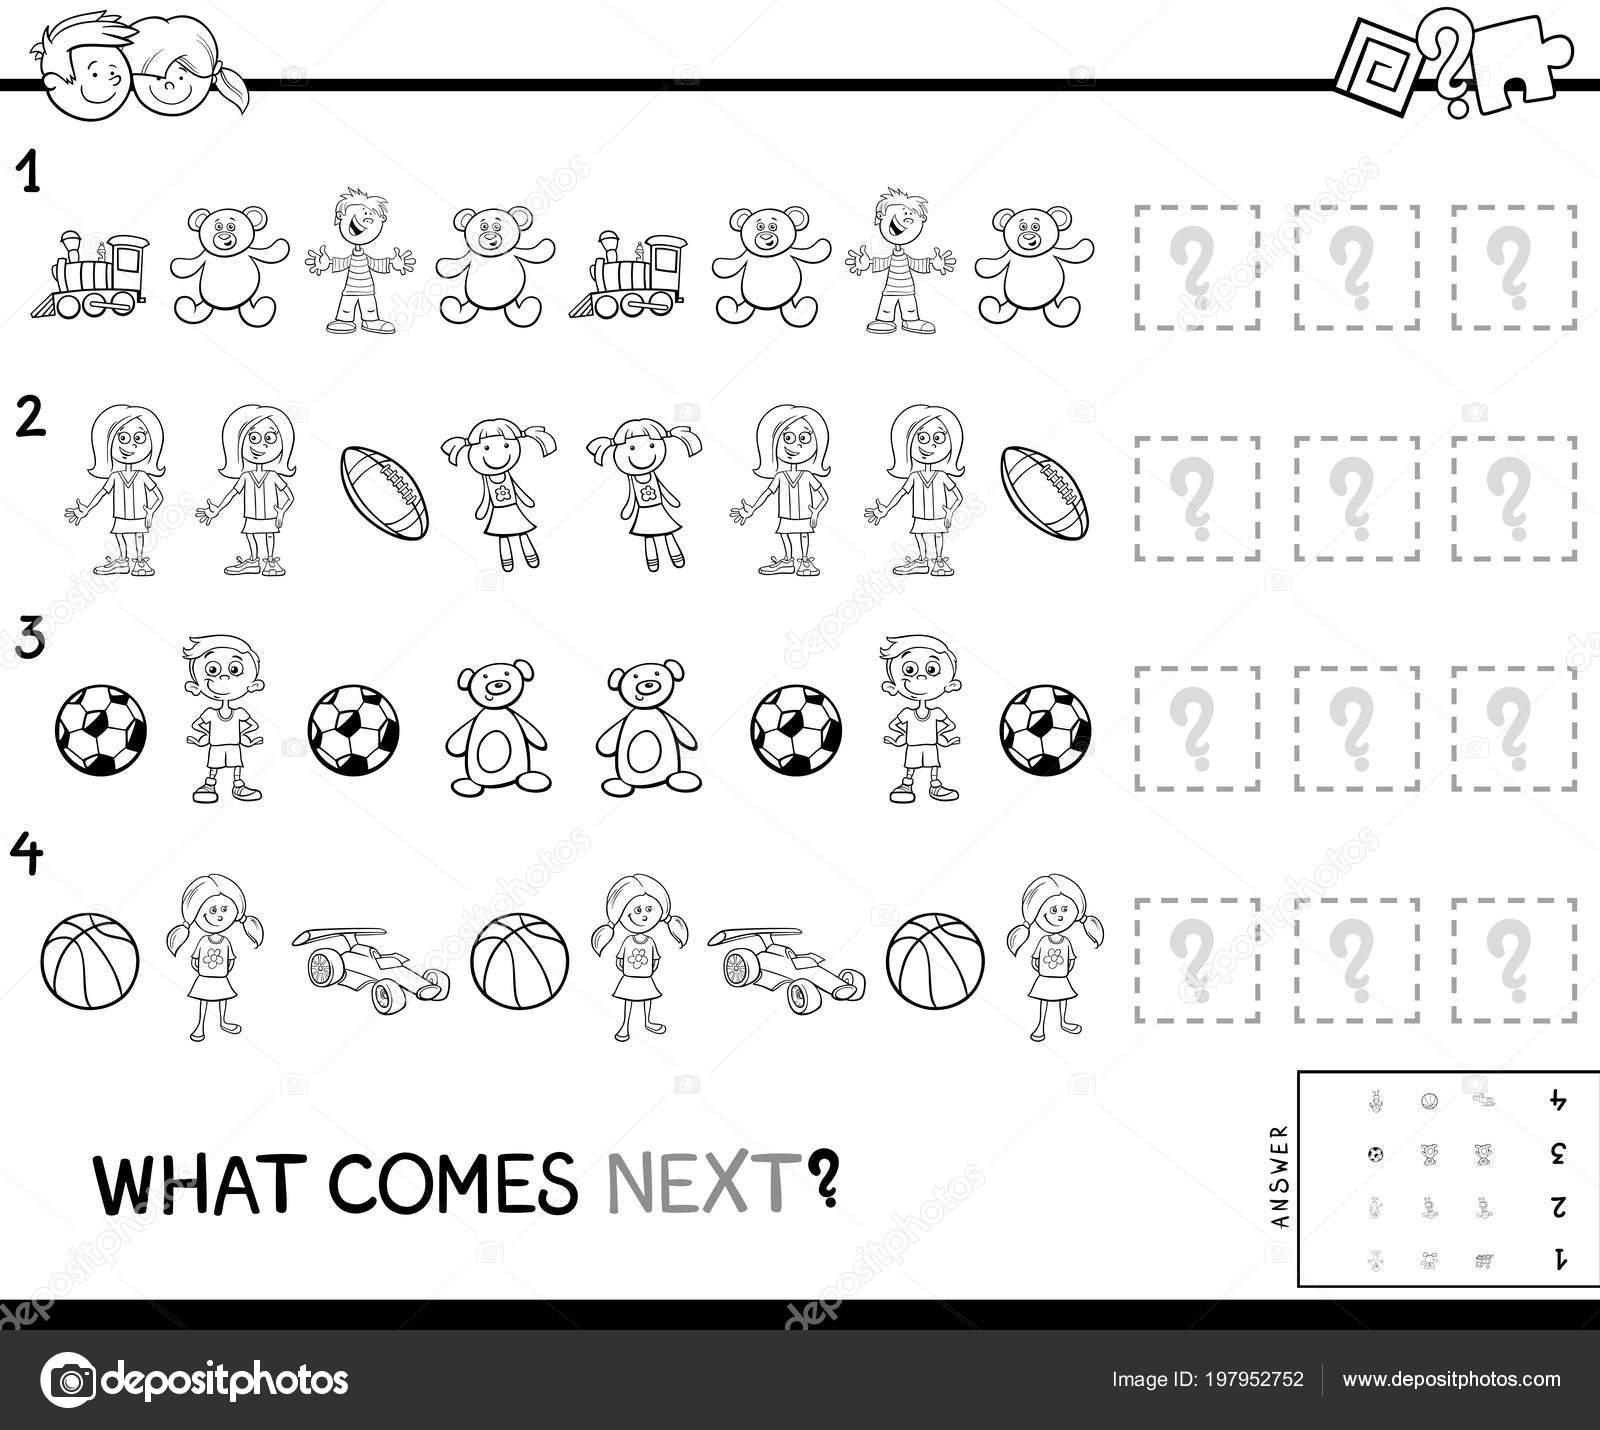 Ilustracion Dibujos Animados Blanco Negro Completar Patron Juego